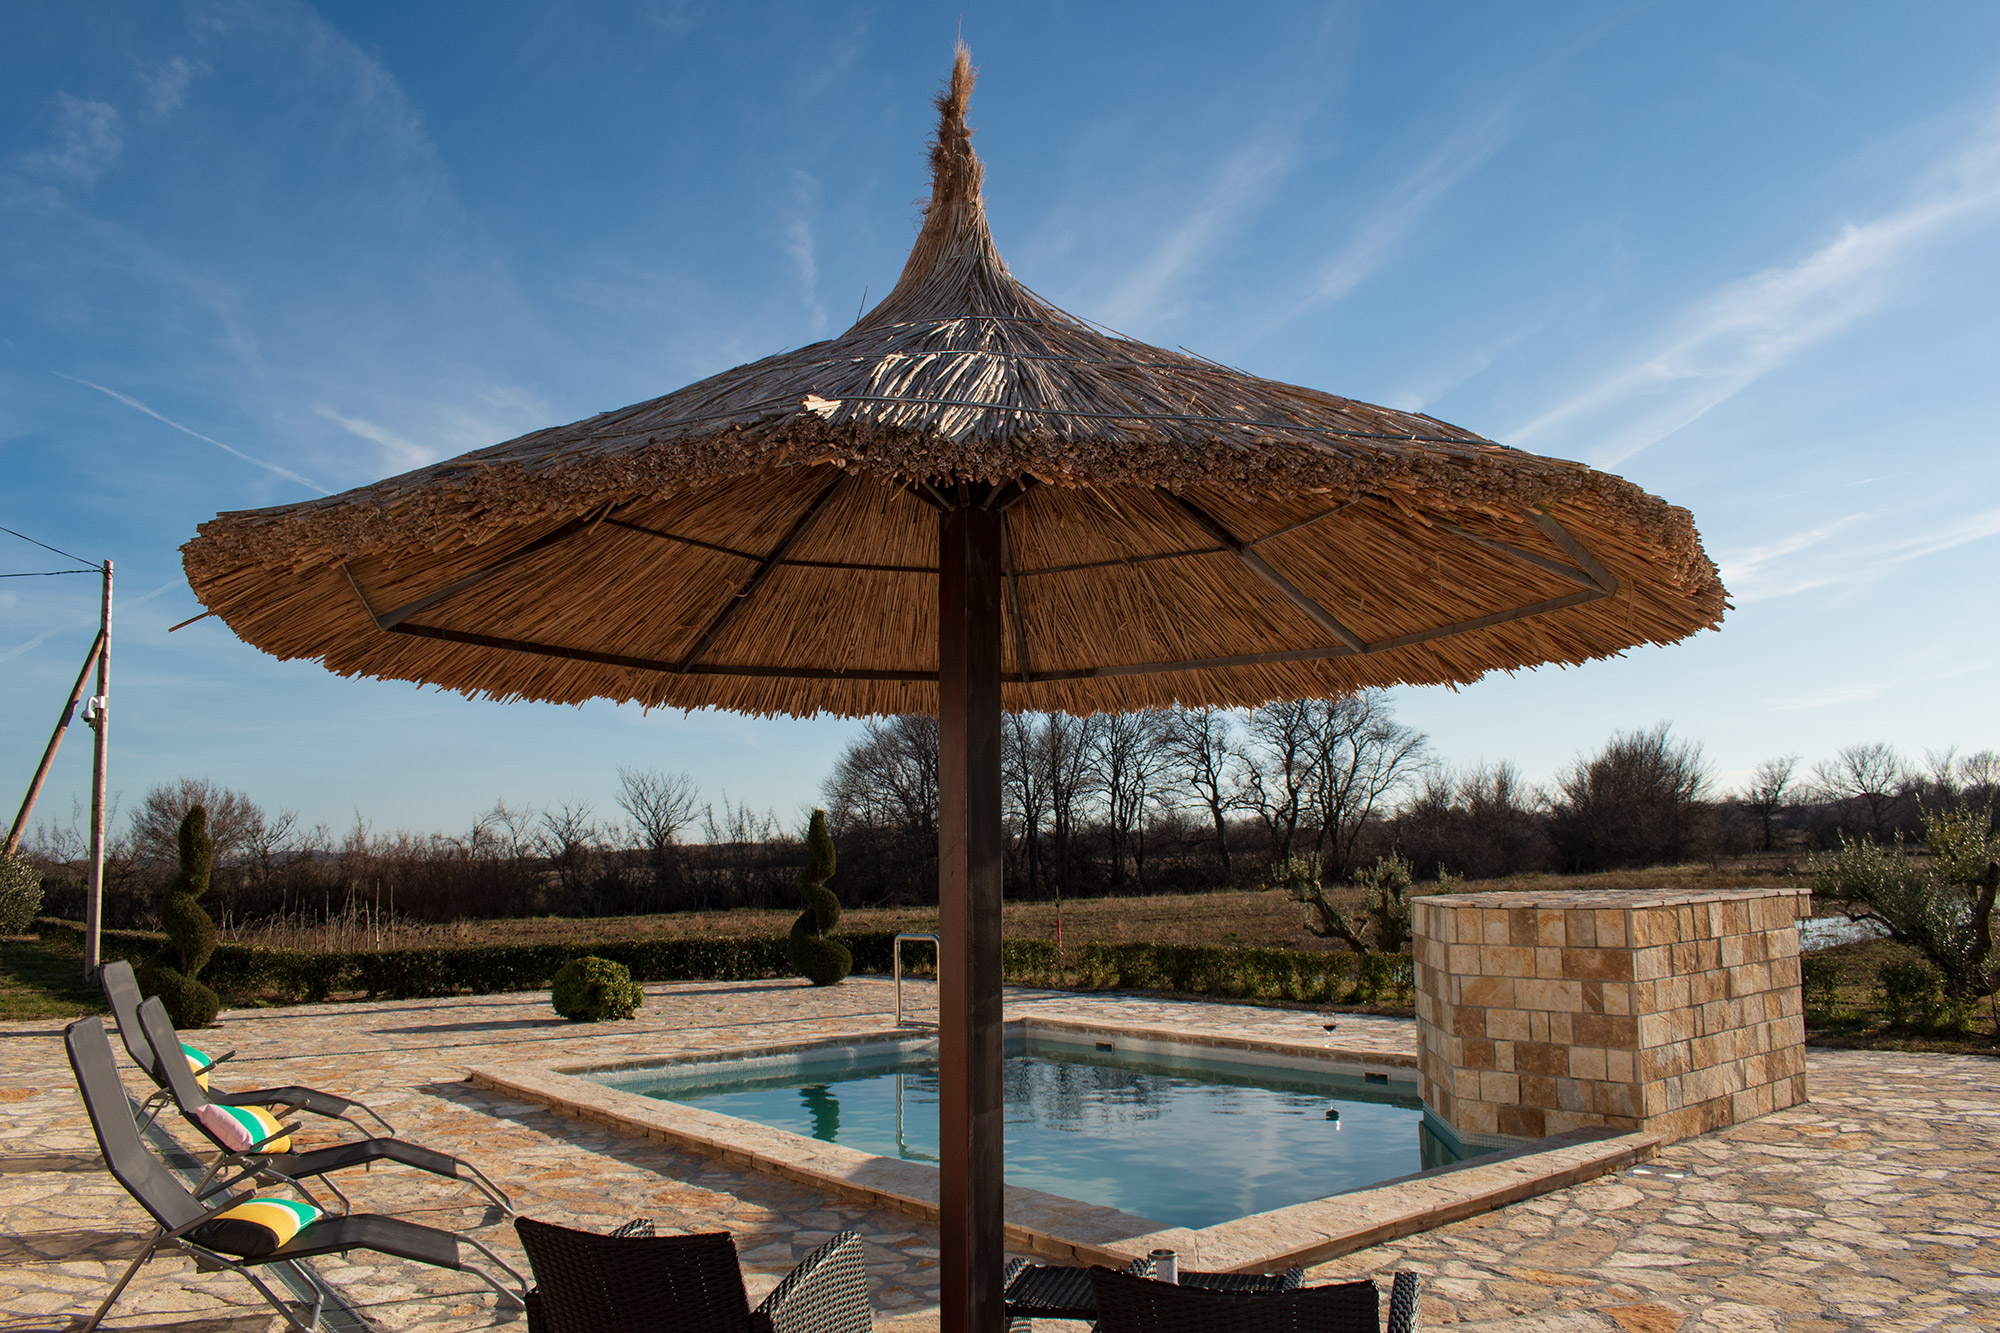 AP Villa Pristeg - Pool and parasol